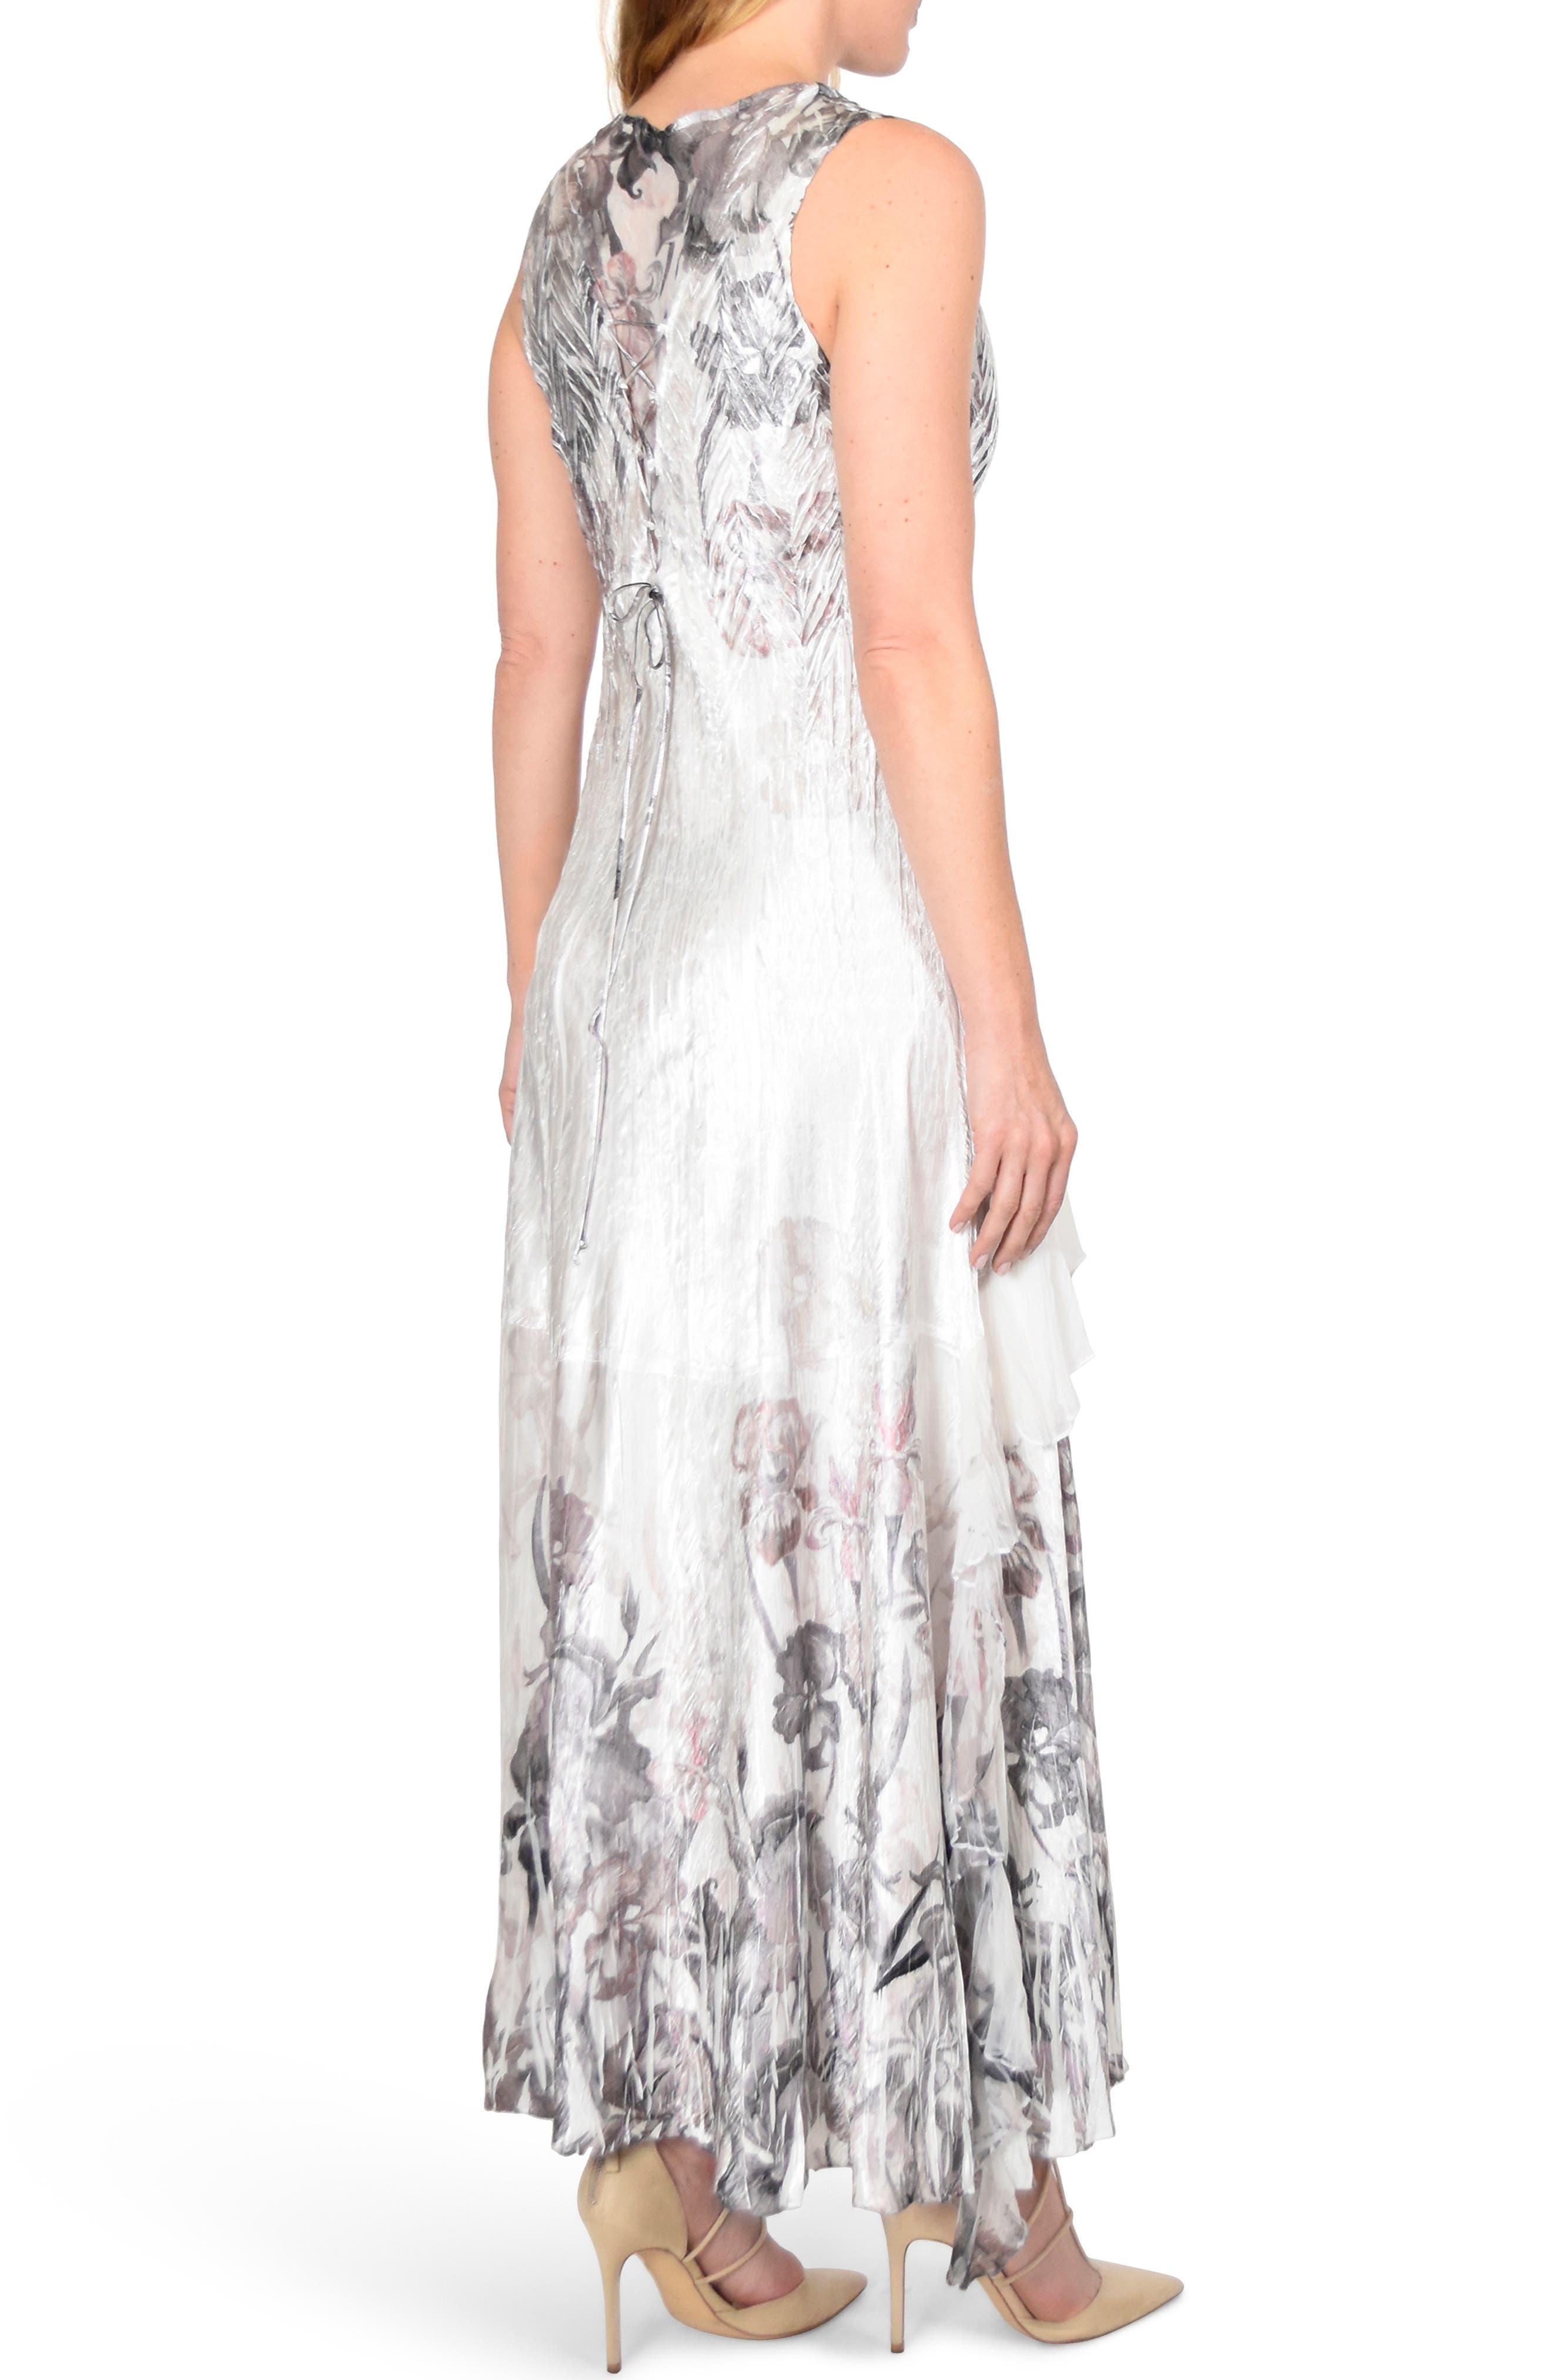 KOMAROV, Charmeuse Dress with Wrap, Alternate thumbnail 2, color, IRIS GARDEN